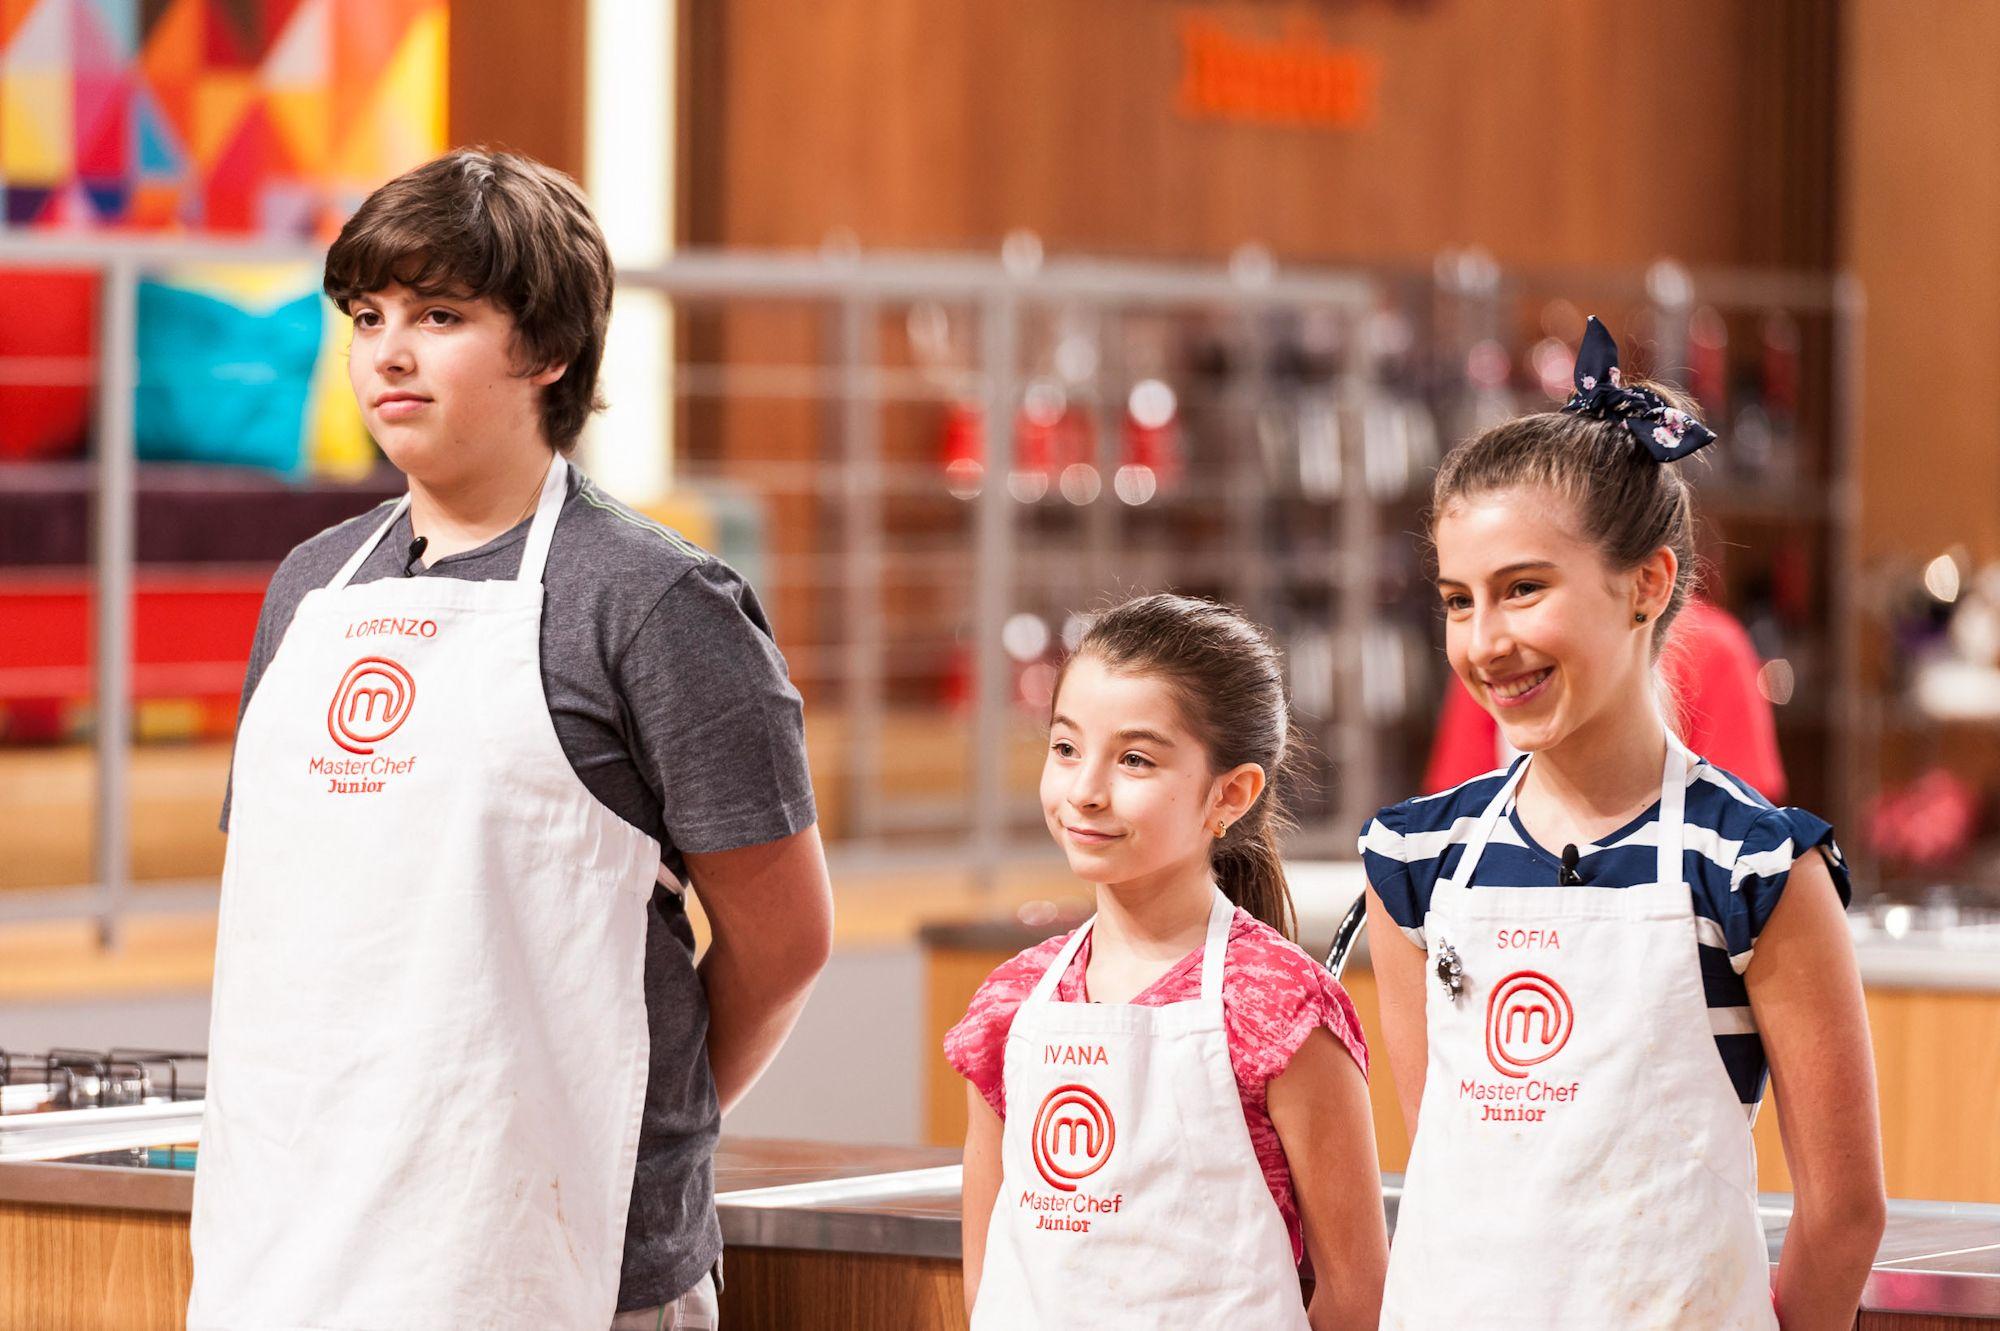 Lorenzzo, Ivana e Sofia estão entre os 10 melhores cozinheiros mirins do Brasil / Divulgação - Band